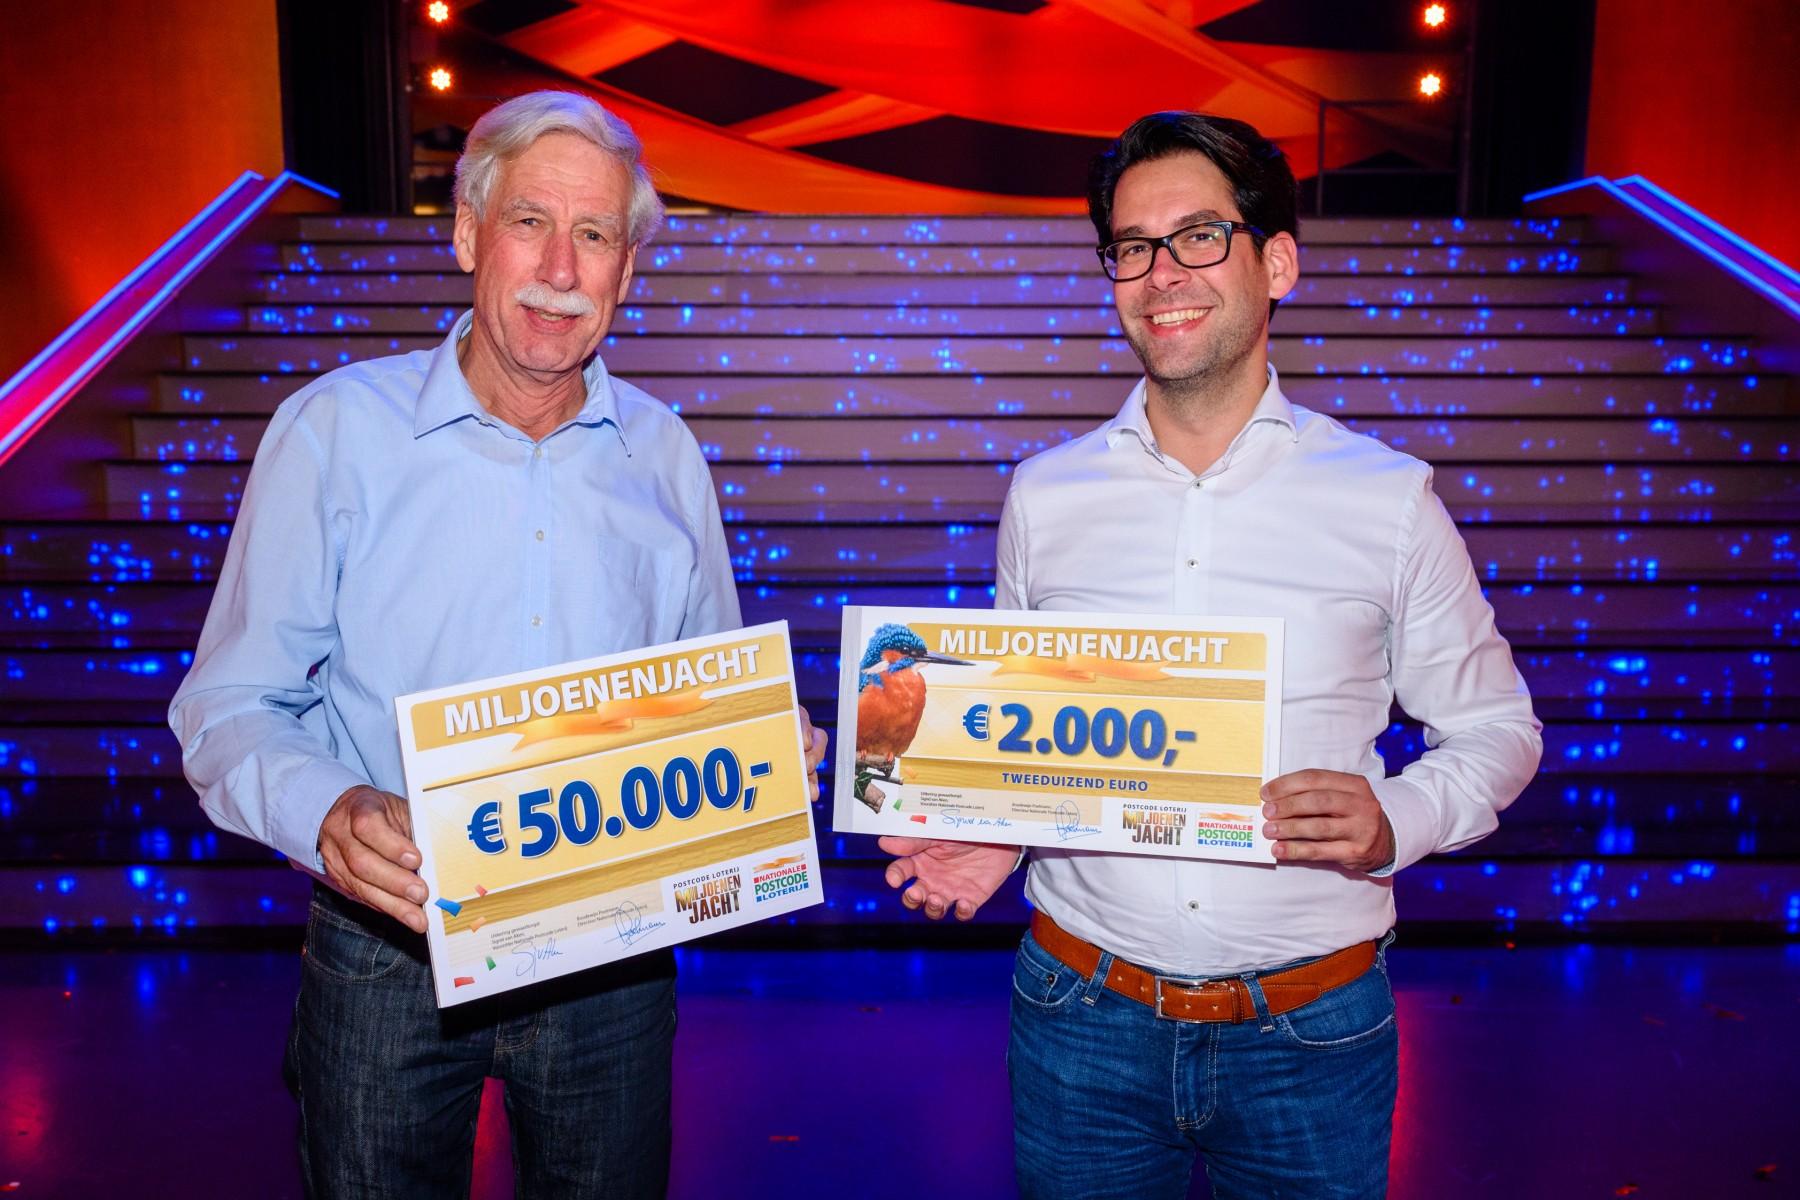 Gouden Bel Levert Coen Uit Blaricum 50 000 Euro Op Bij Tv Show Miljoenenjacht